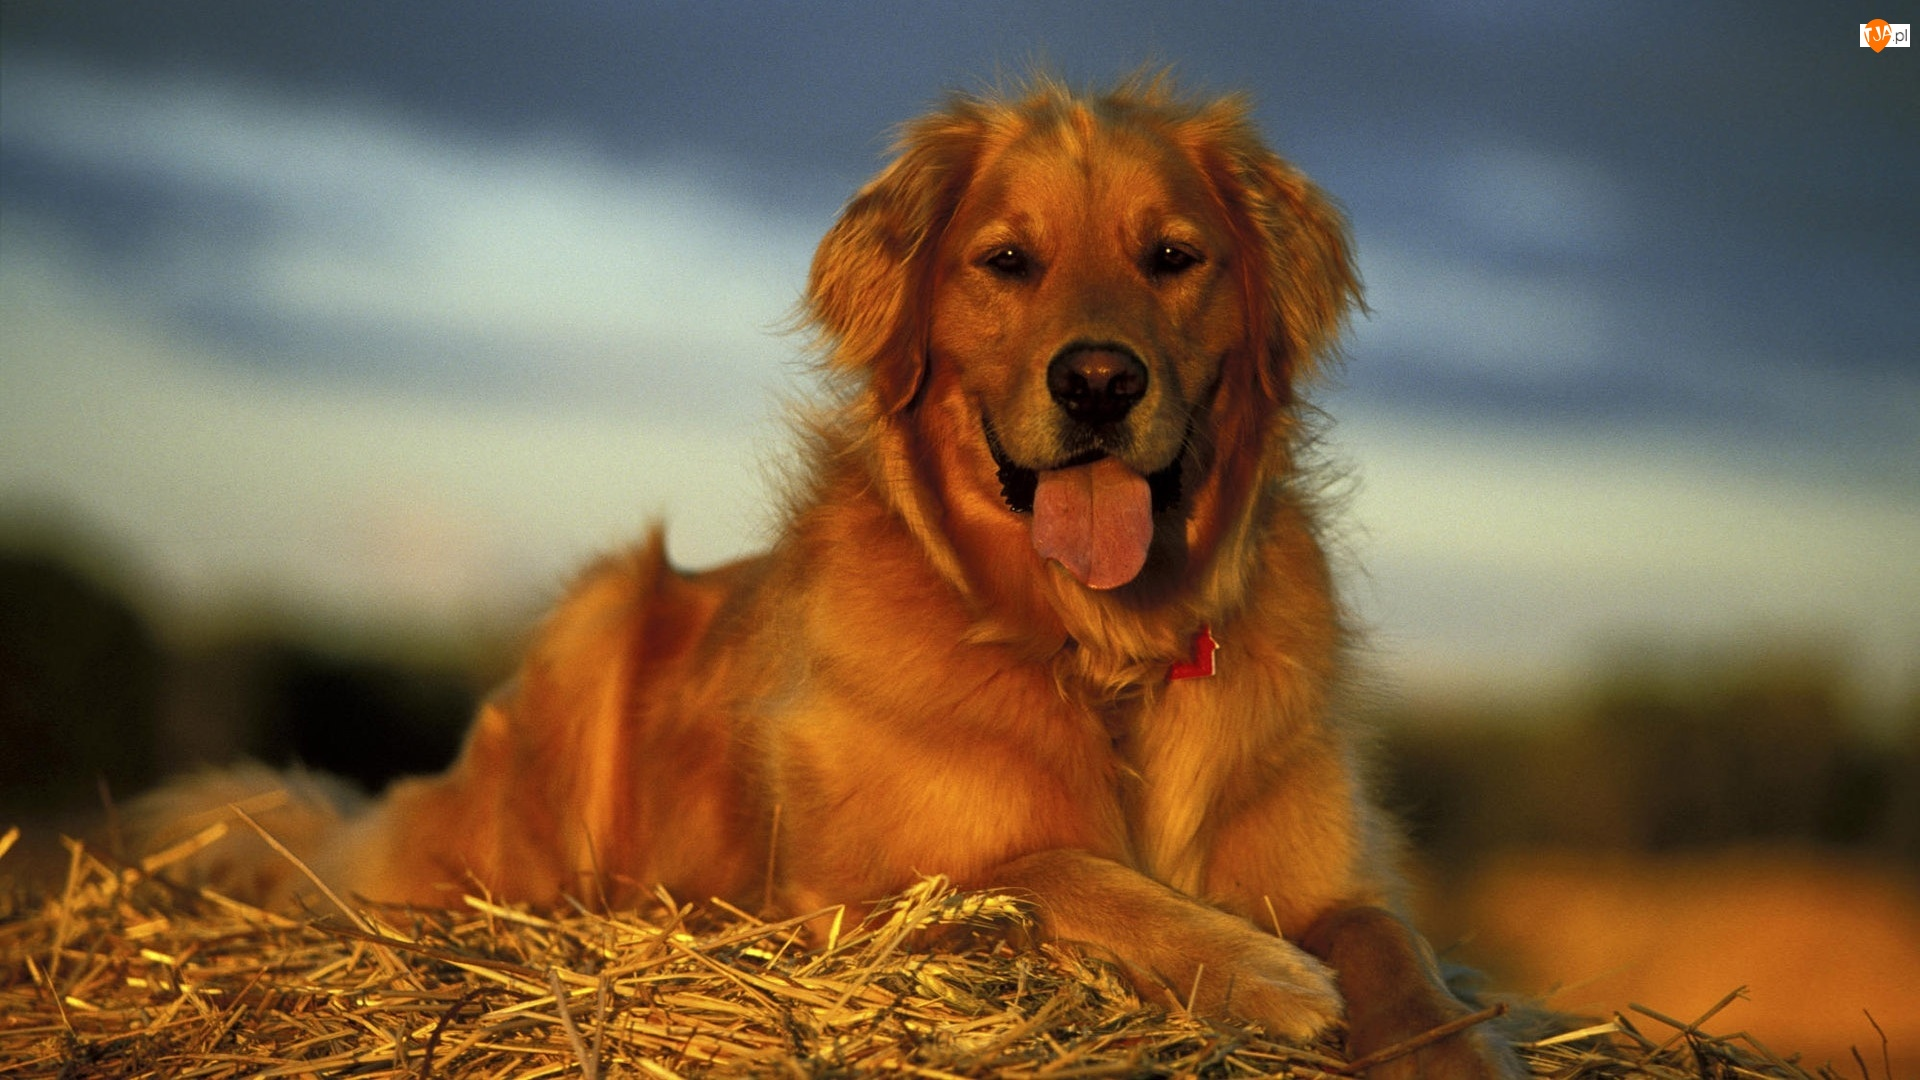 Słoma, Pies, Golden retriever, Język